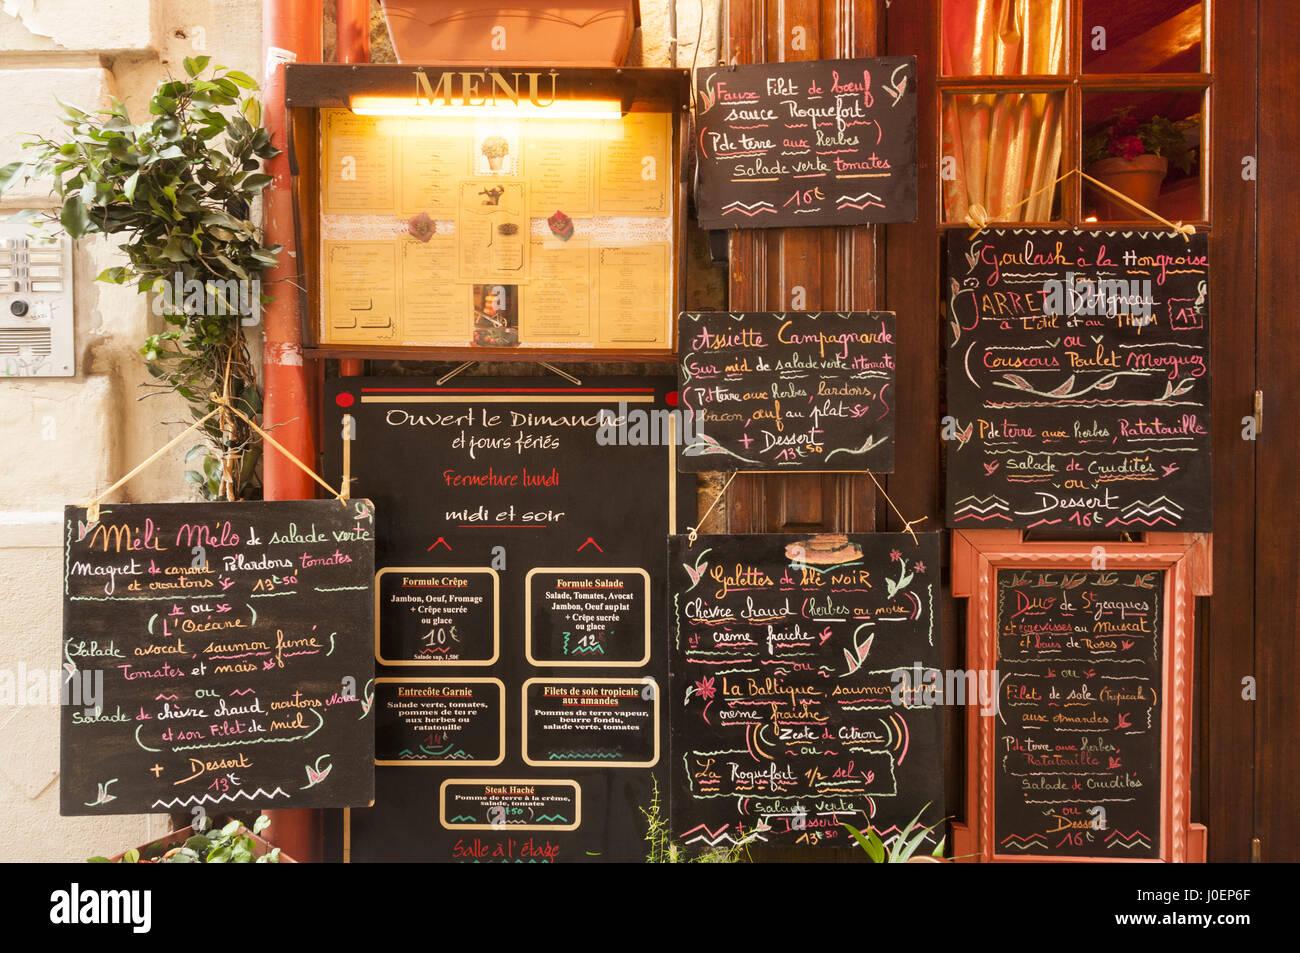 Francia, Montpellier, restaurante acera junta menú Imagen De Stock